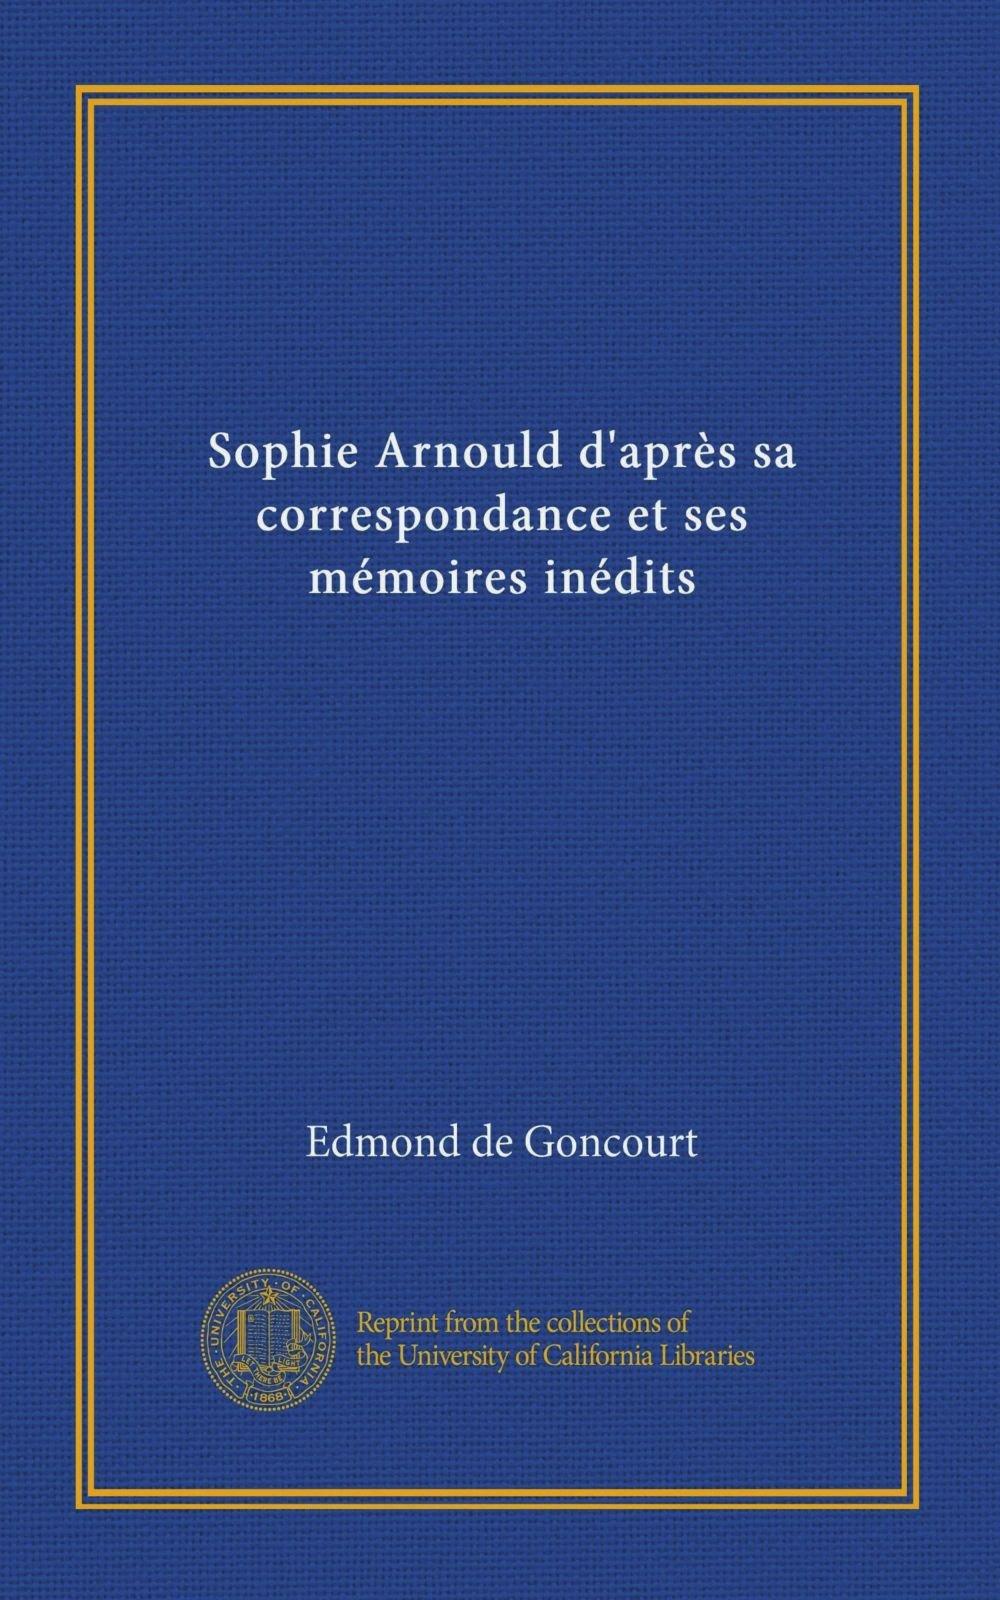 Sophie Arnould daprès sa correspondance et ses mémoires inédits Vol-1  French Edition  ebook by Edmond de Goncourt